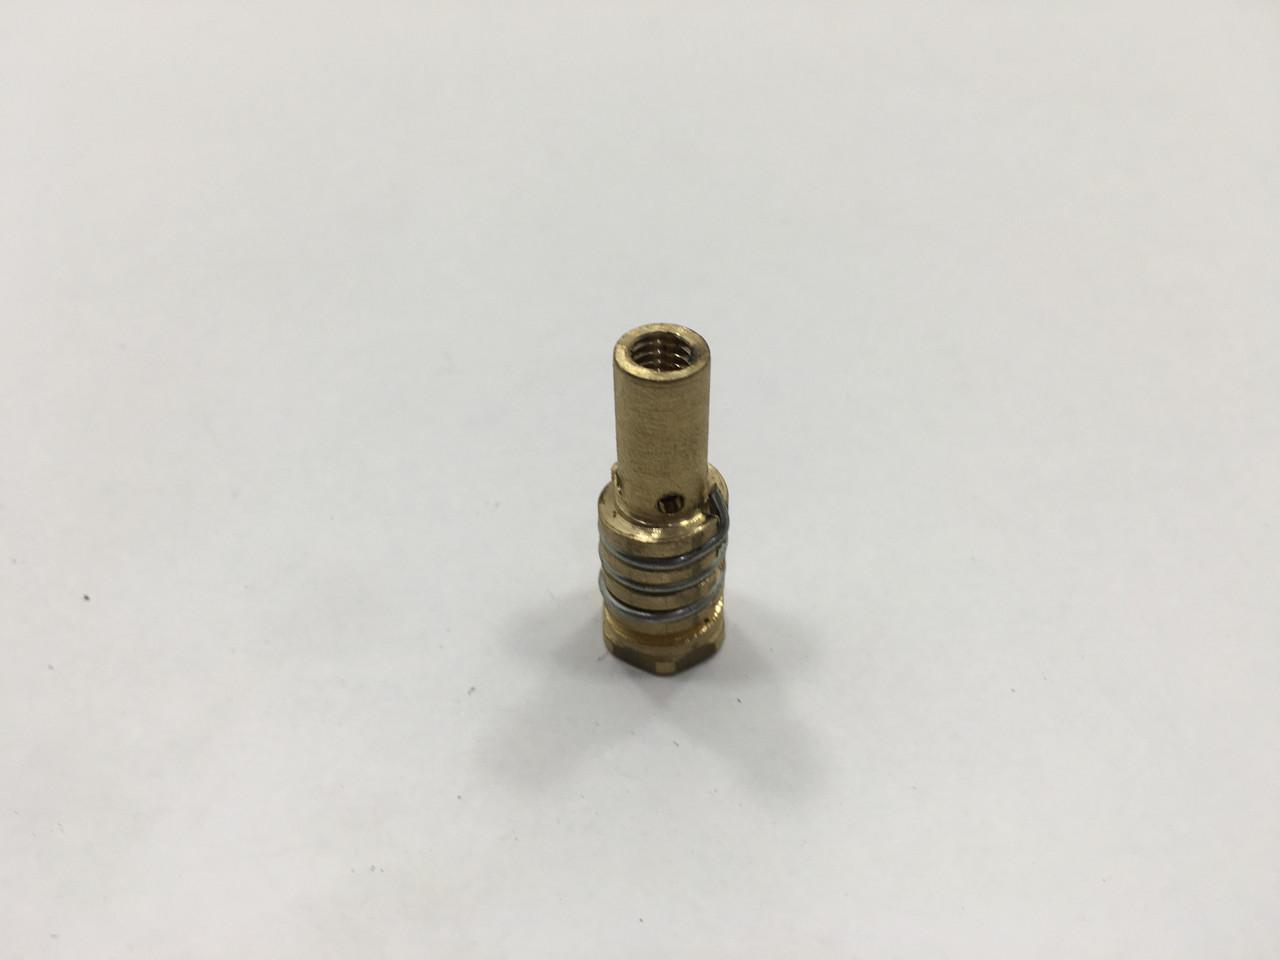 Распылитель защитного газа Искра с пружиной короткий М6/М8/33 (аналог МВ14) с внутренней правой резьбой